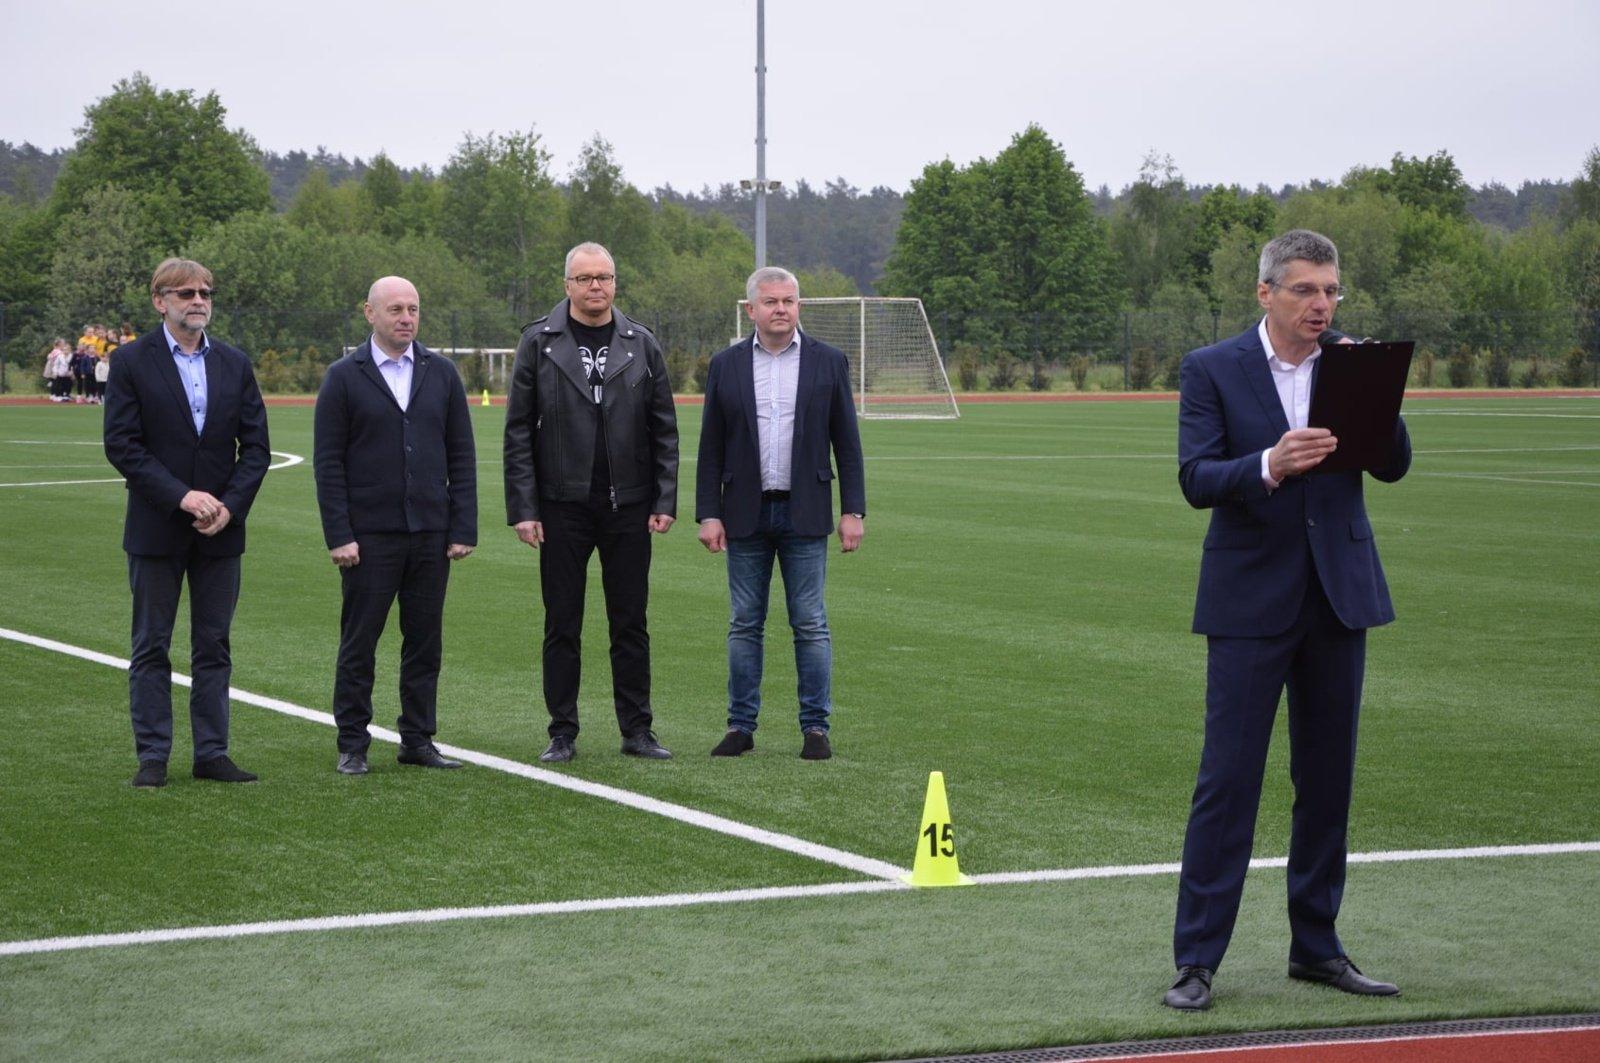 Lietuvos mažąjį futbolą Prienuose pristatė ir šios sporto šakos žvaigždės